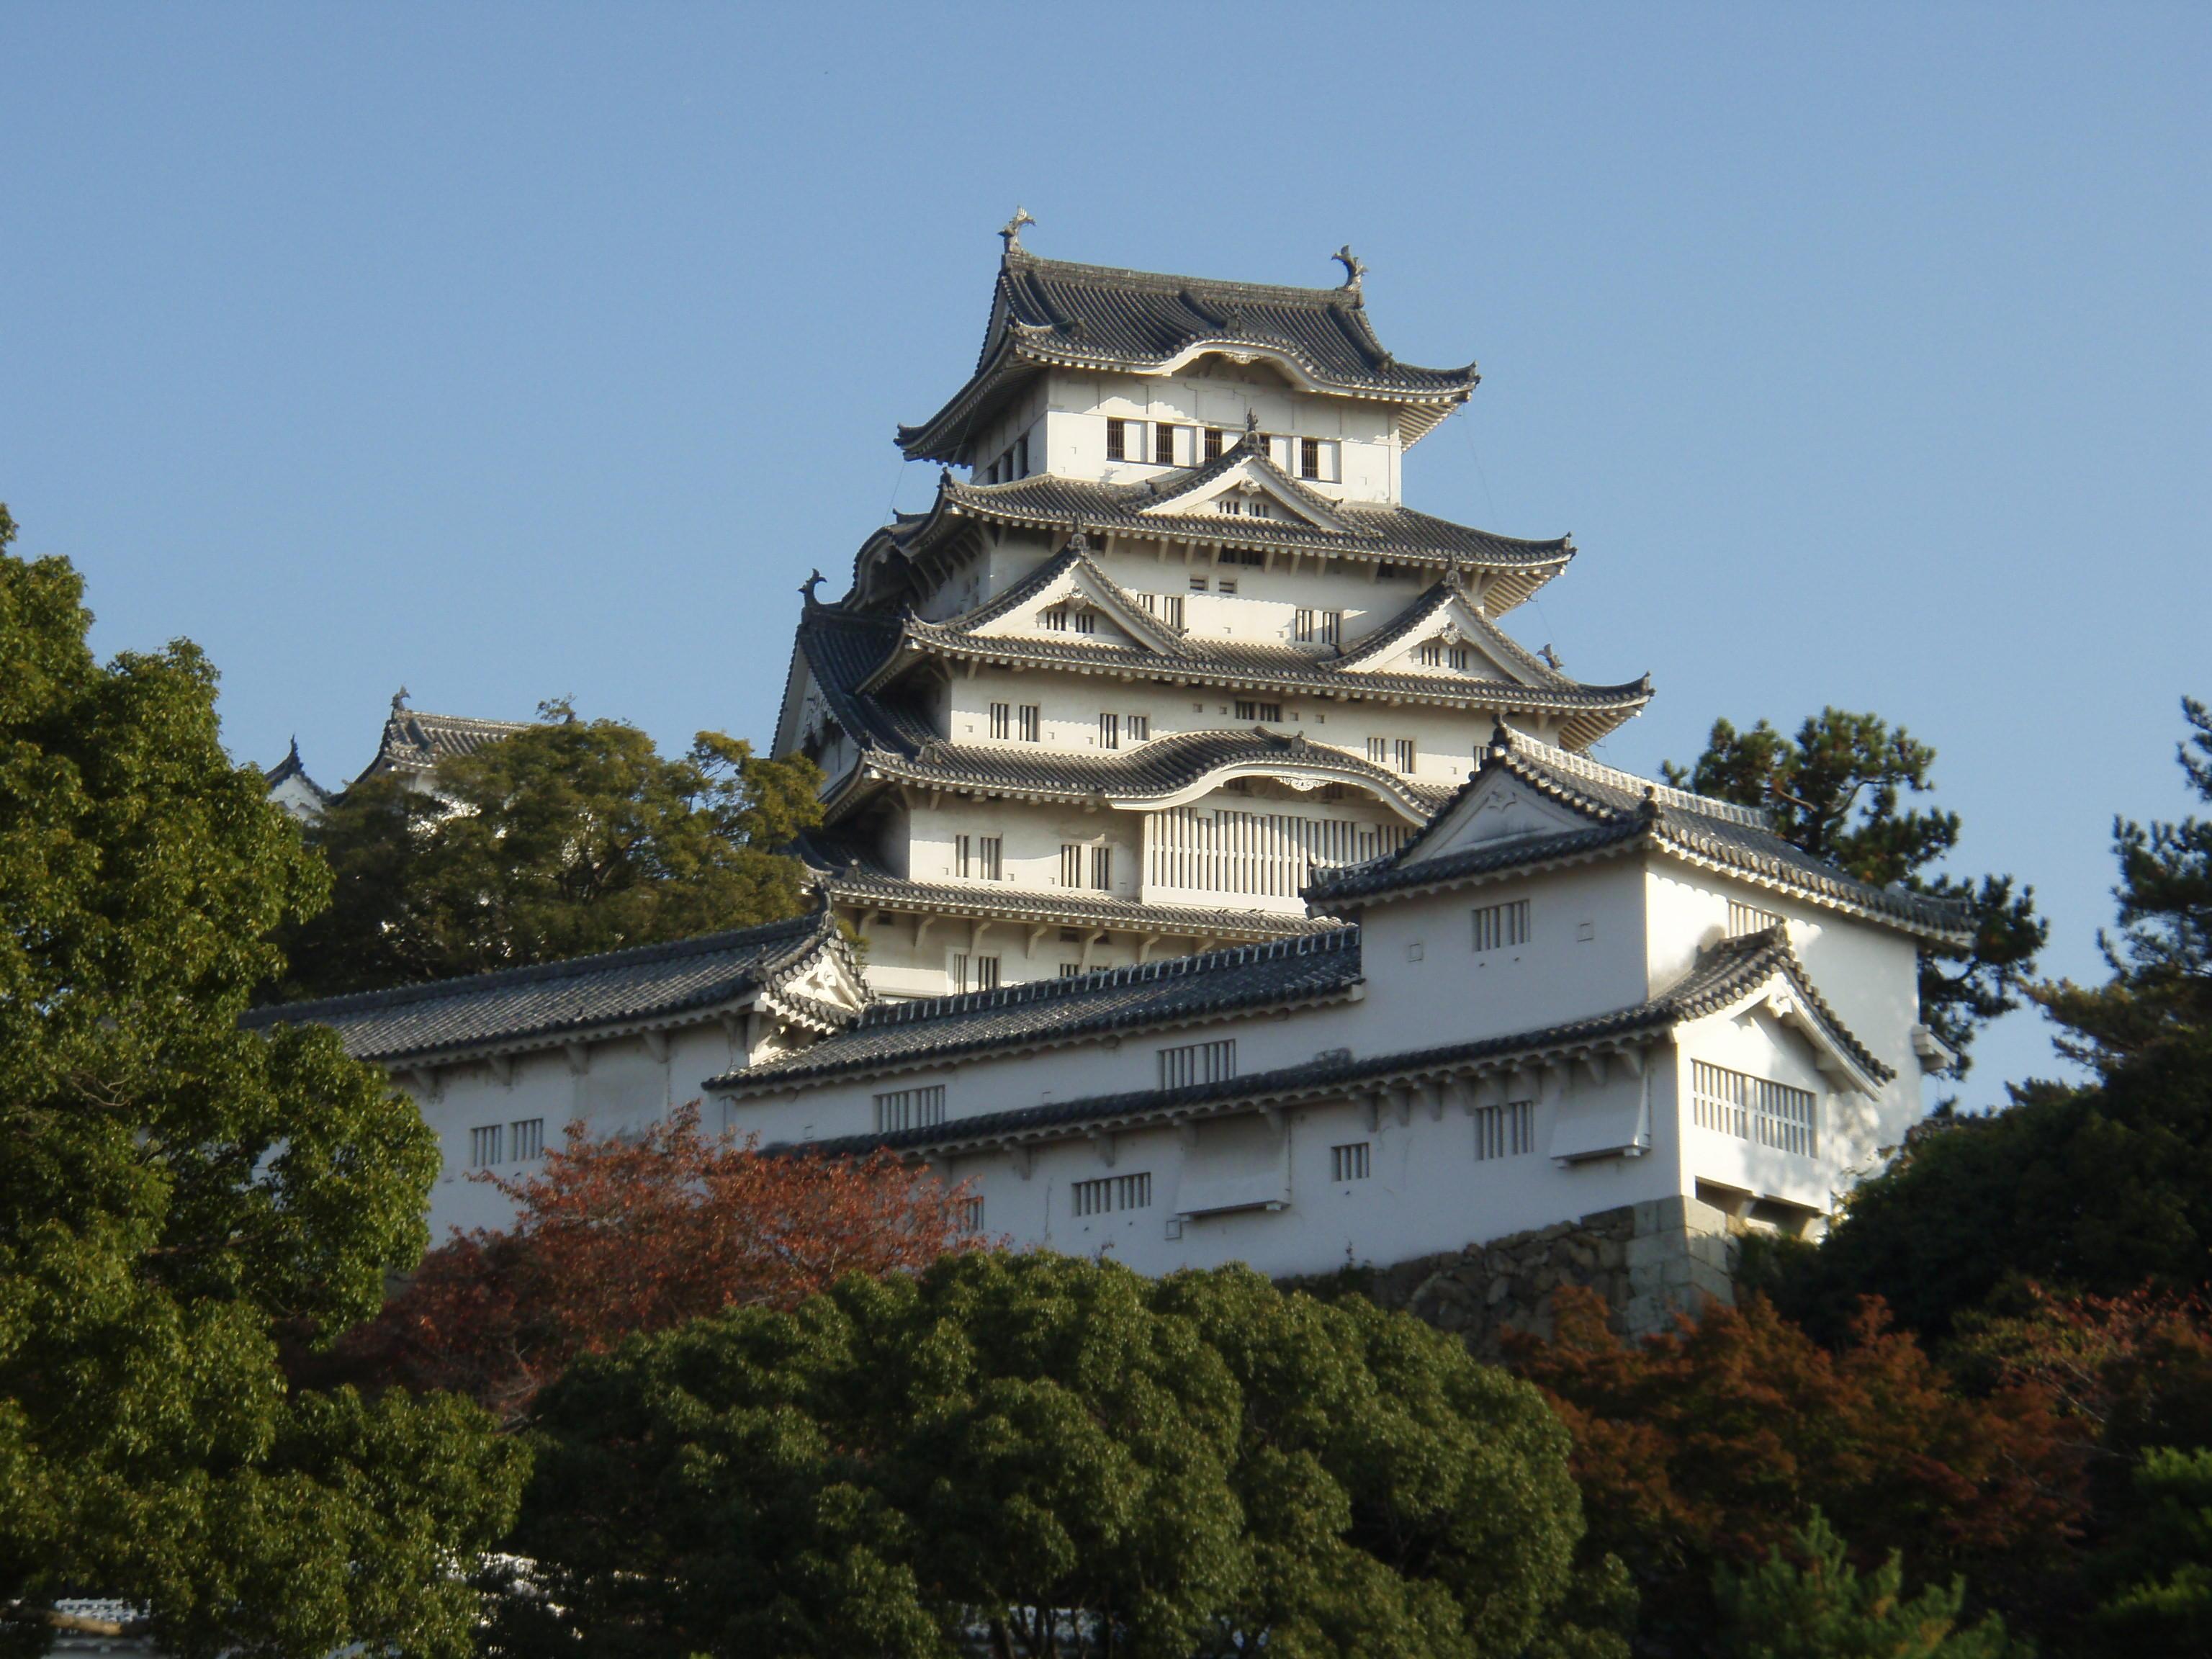 彦根観光でおすすめスポット25!観光マップ片手に巡る名所旧跡